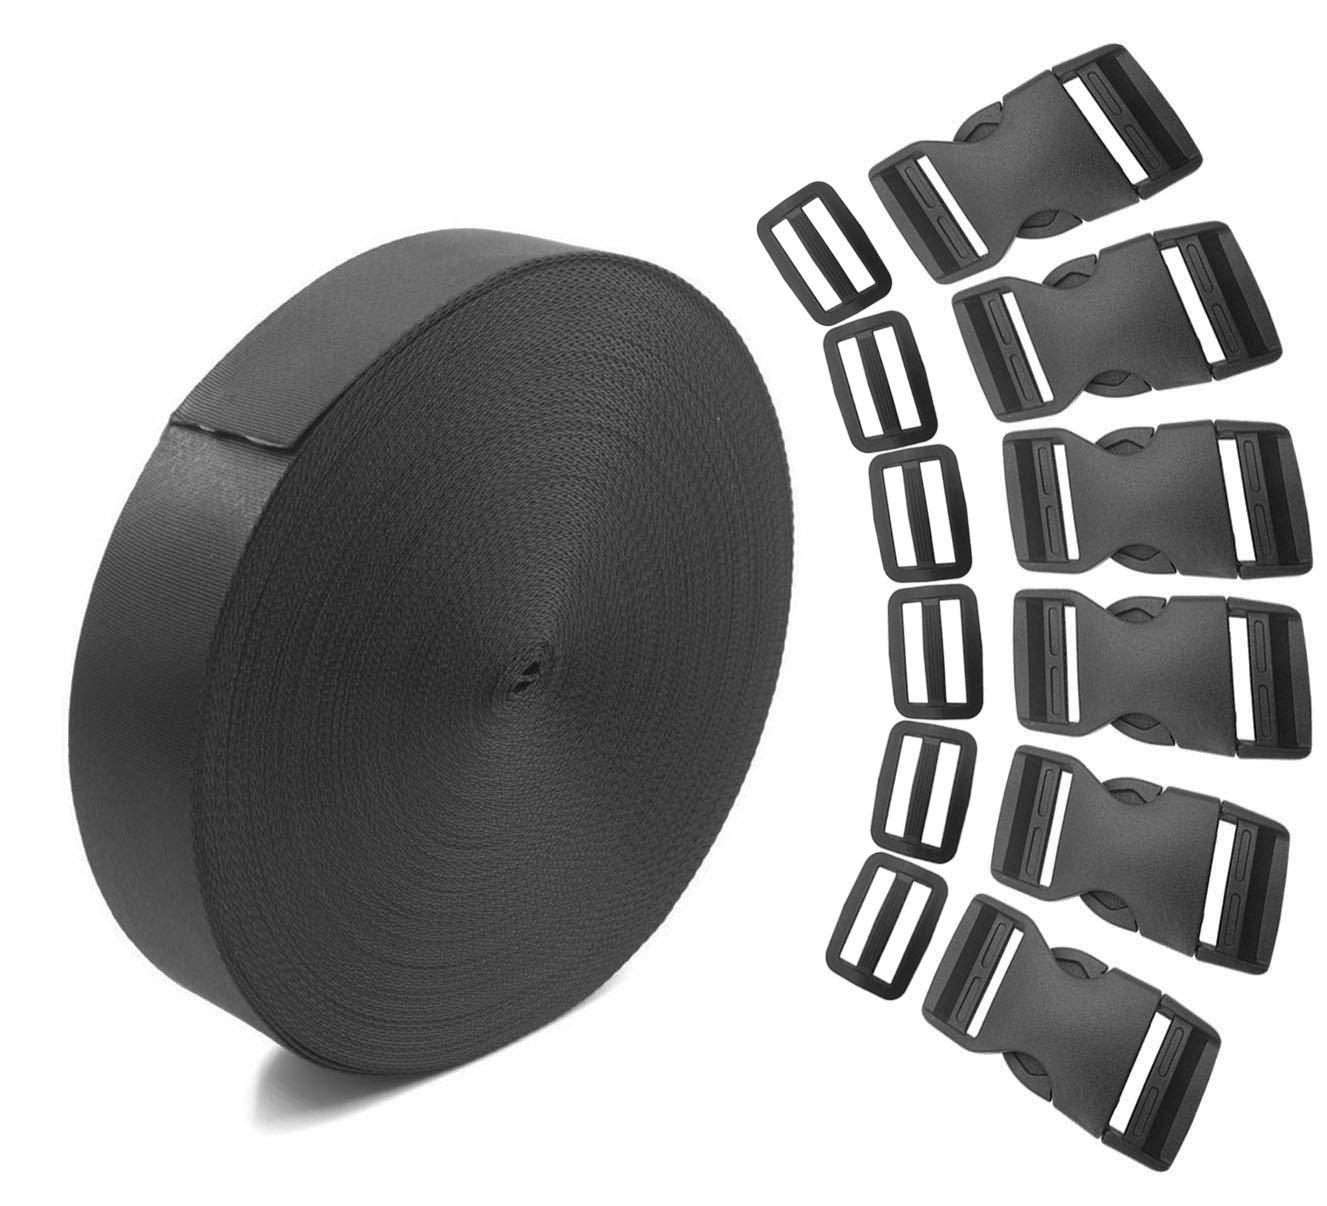 Newzc 5,5/m 1/rotolo in nylon fettuccia e regolazione 10/pairstri-glide clip 6/pezzi piatto fibbie a sgancio laterale per 2,5/cm di larghezza/ /DIY per zaino bagaglio di cinghie da polso riparazione